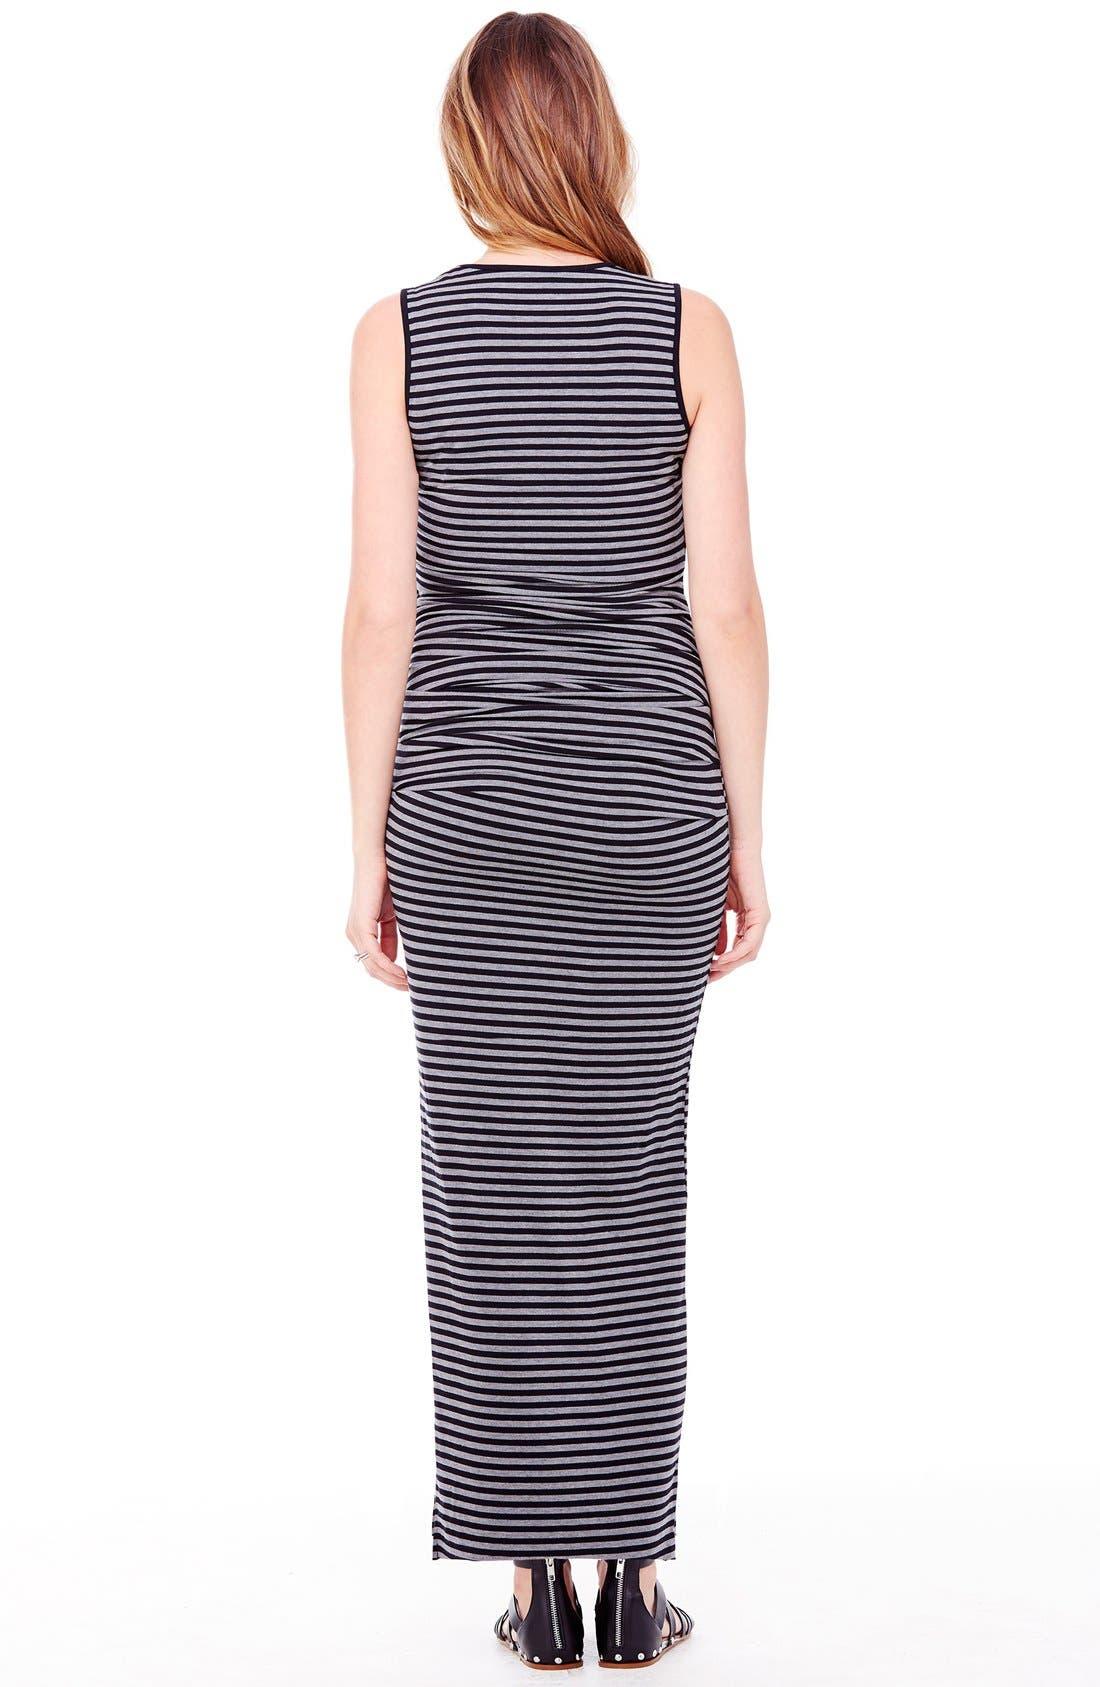 Striped Tank Maternity Maxi Dress,                             Alternate thumbnail 8, color,